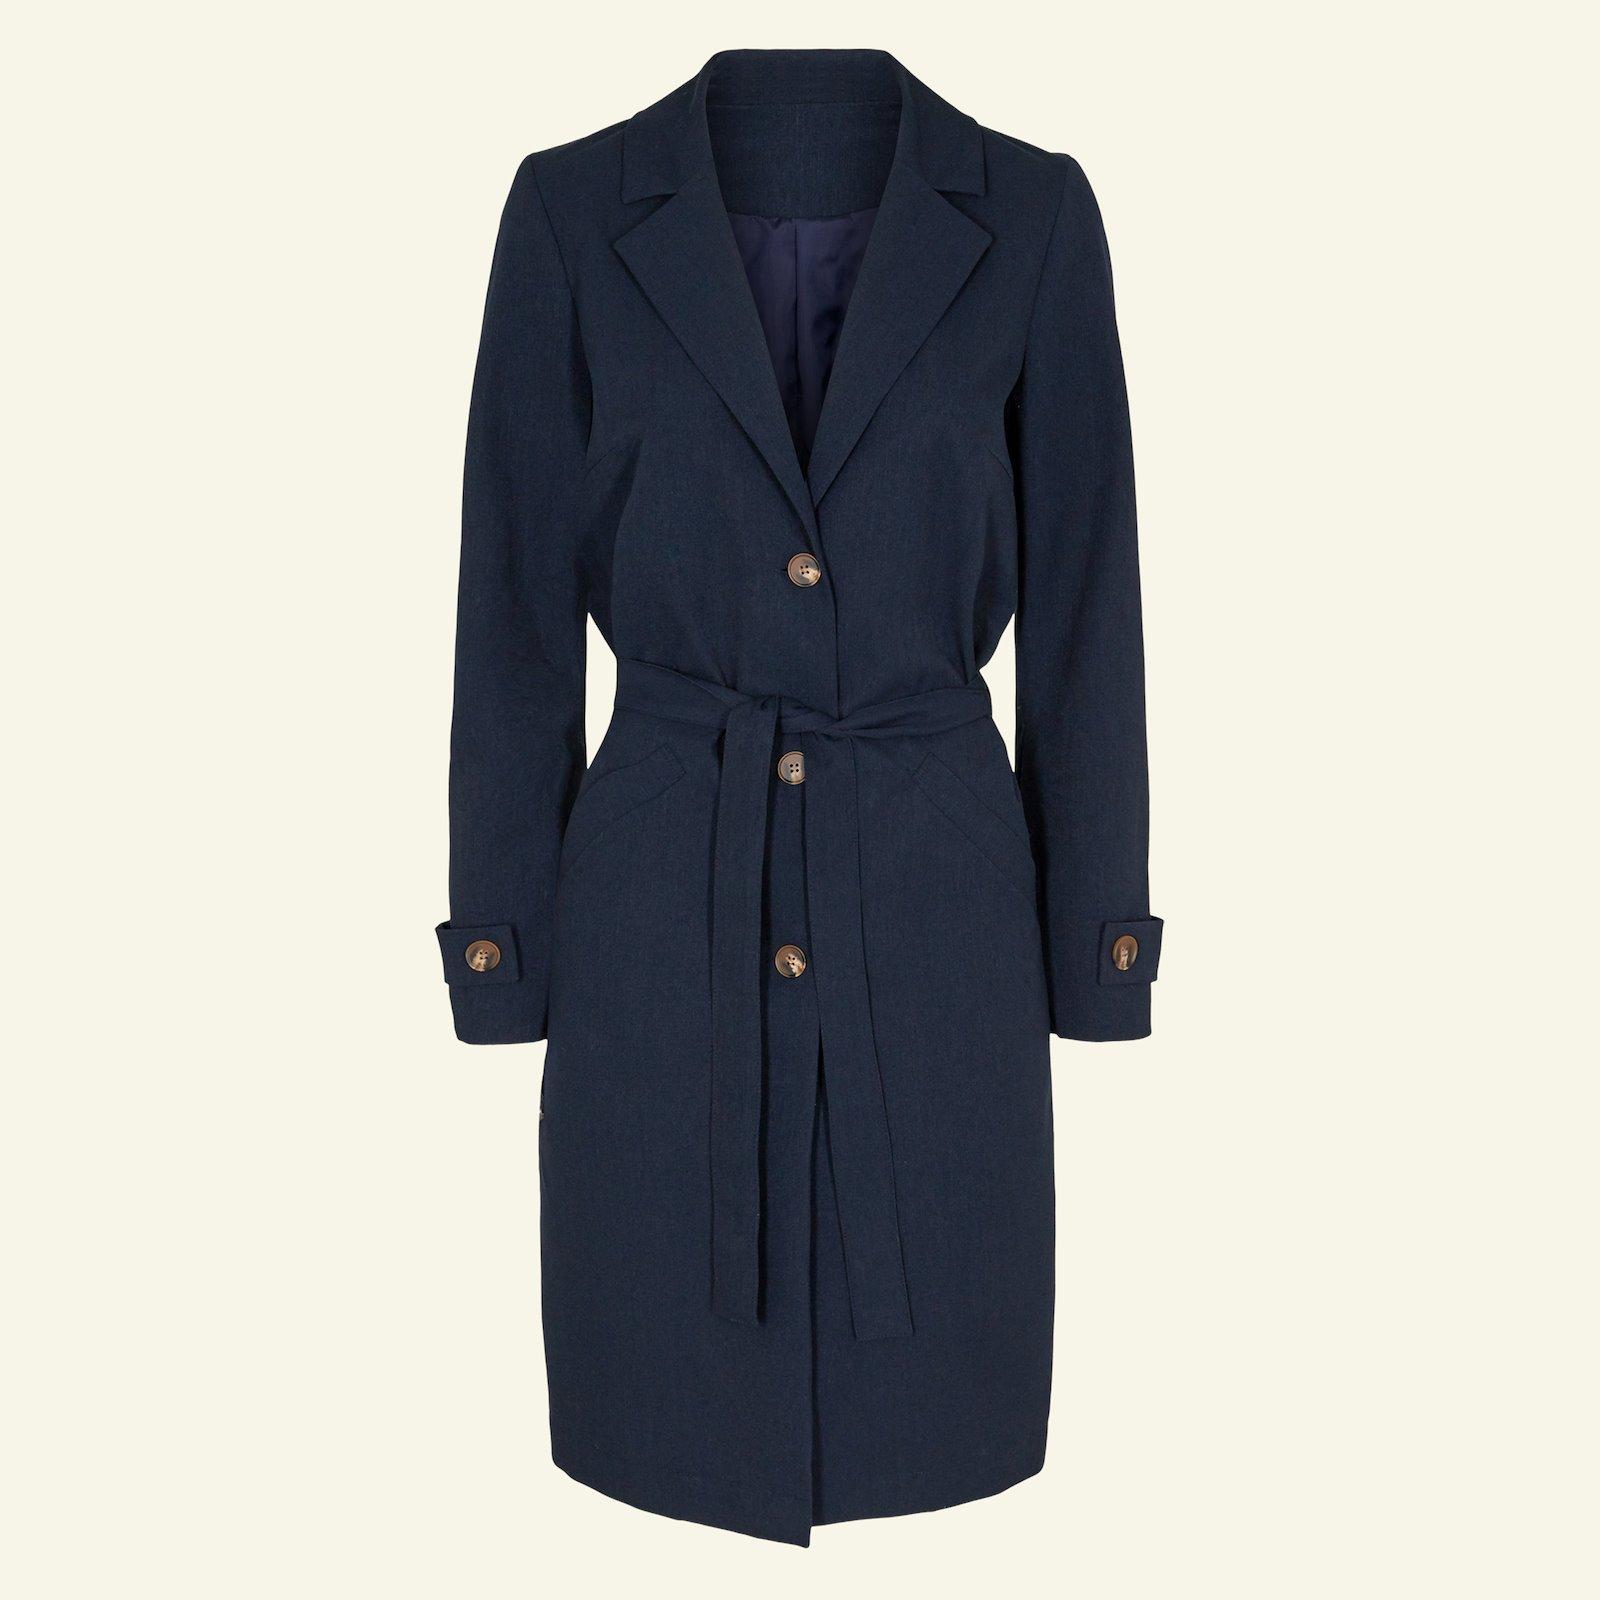 Long coat, 46/18 p24041_650747_40243_sskit